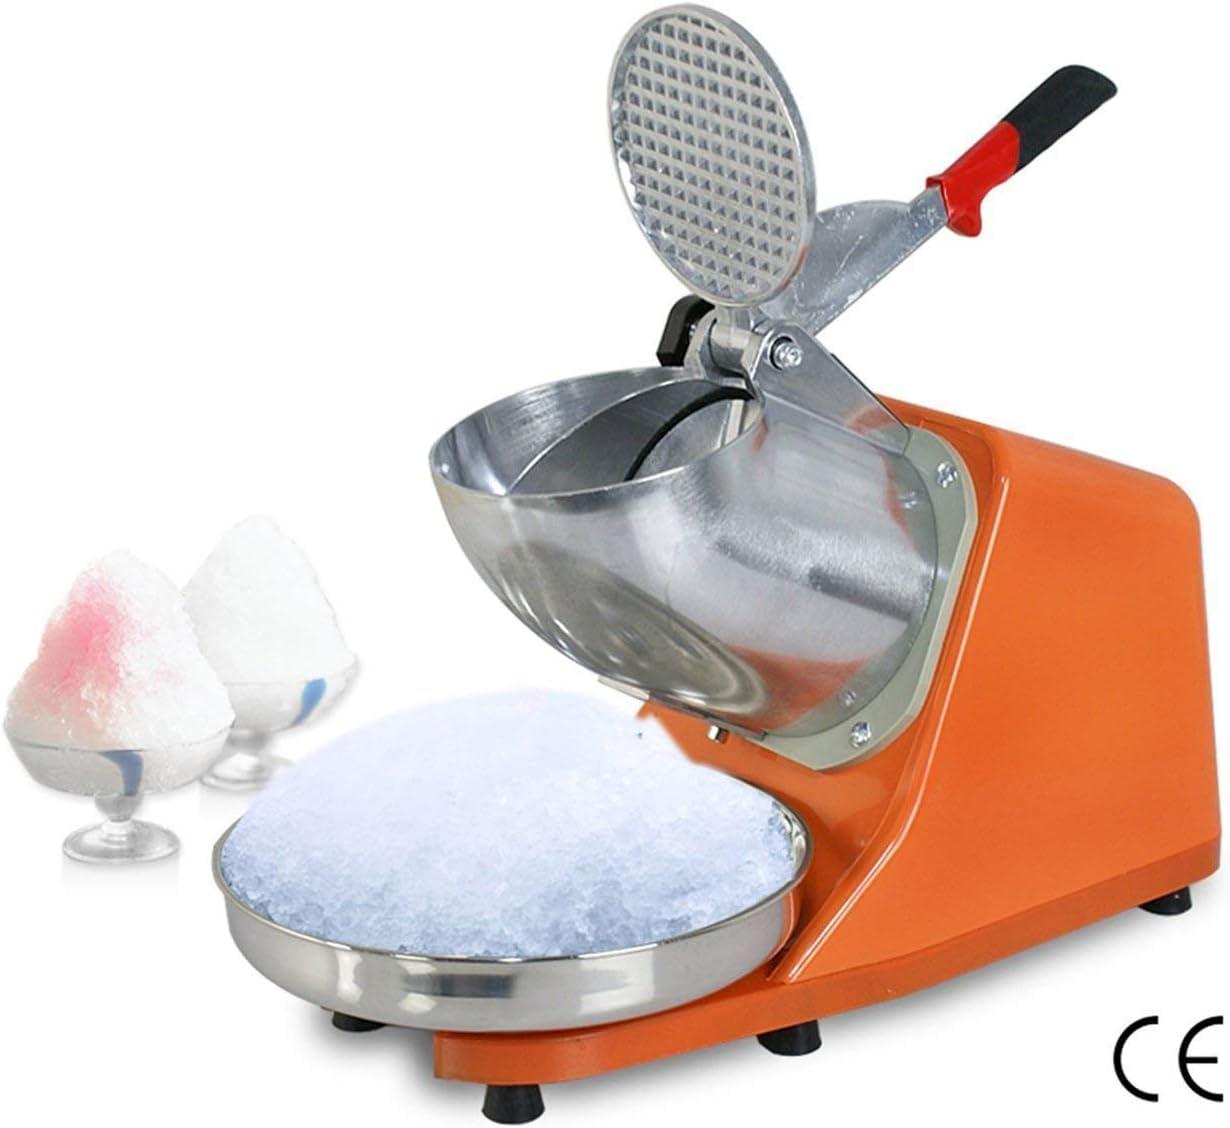 DGYAXIN 300W Picadora de Hielo eléctrico trituradora máquina Afeitar Hielo afeitadora Batidos máquina máquina Rasa Nieve Cono 145 lbs (Plata), Naranja: Amazon.es